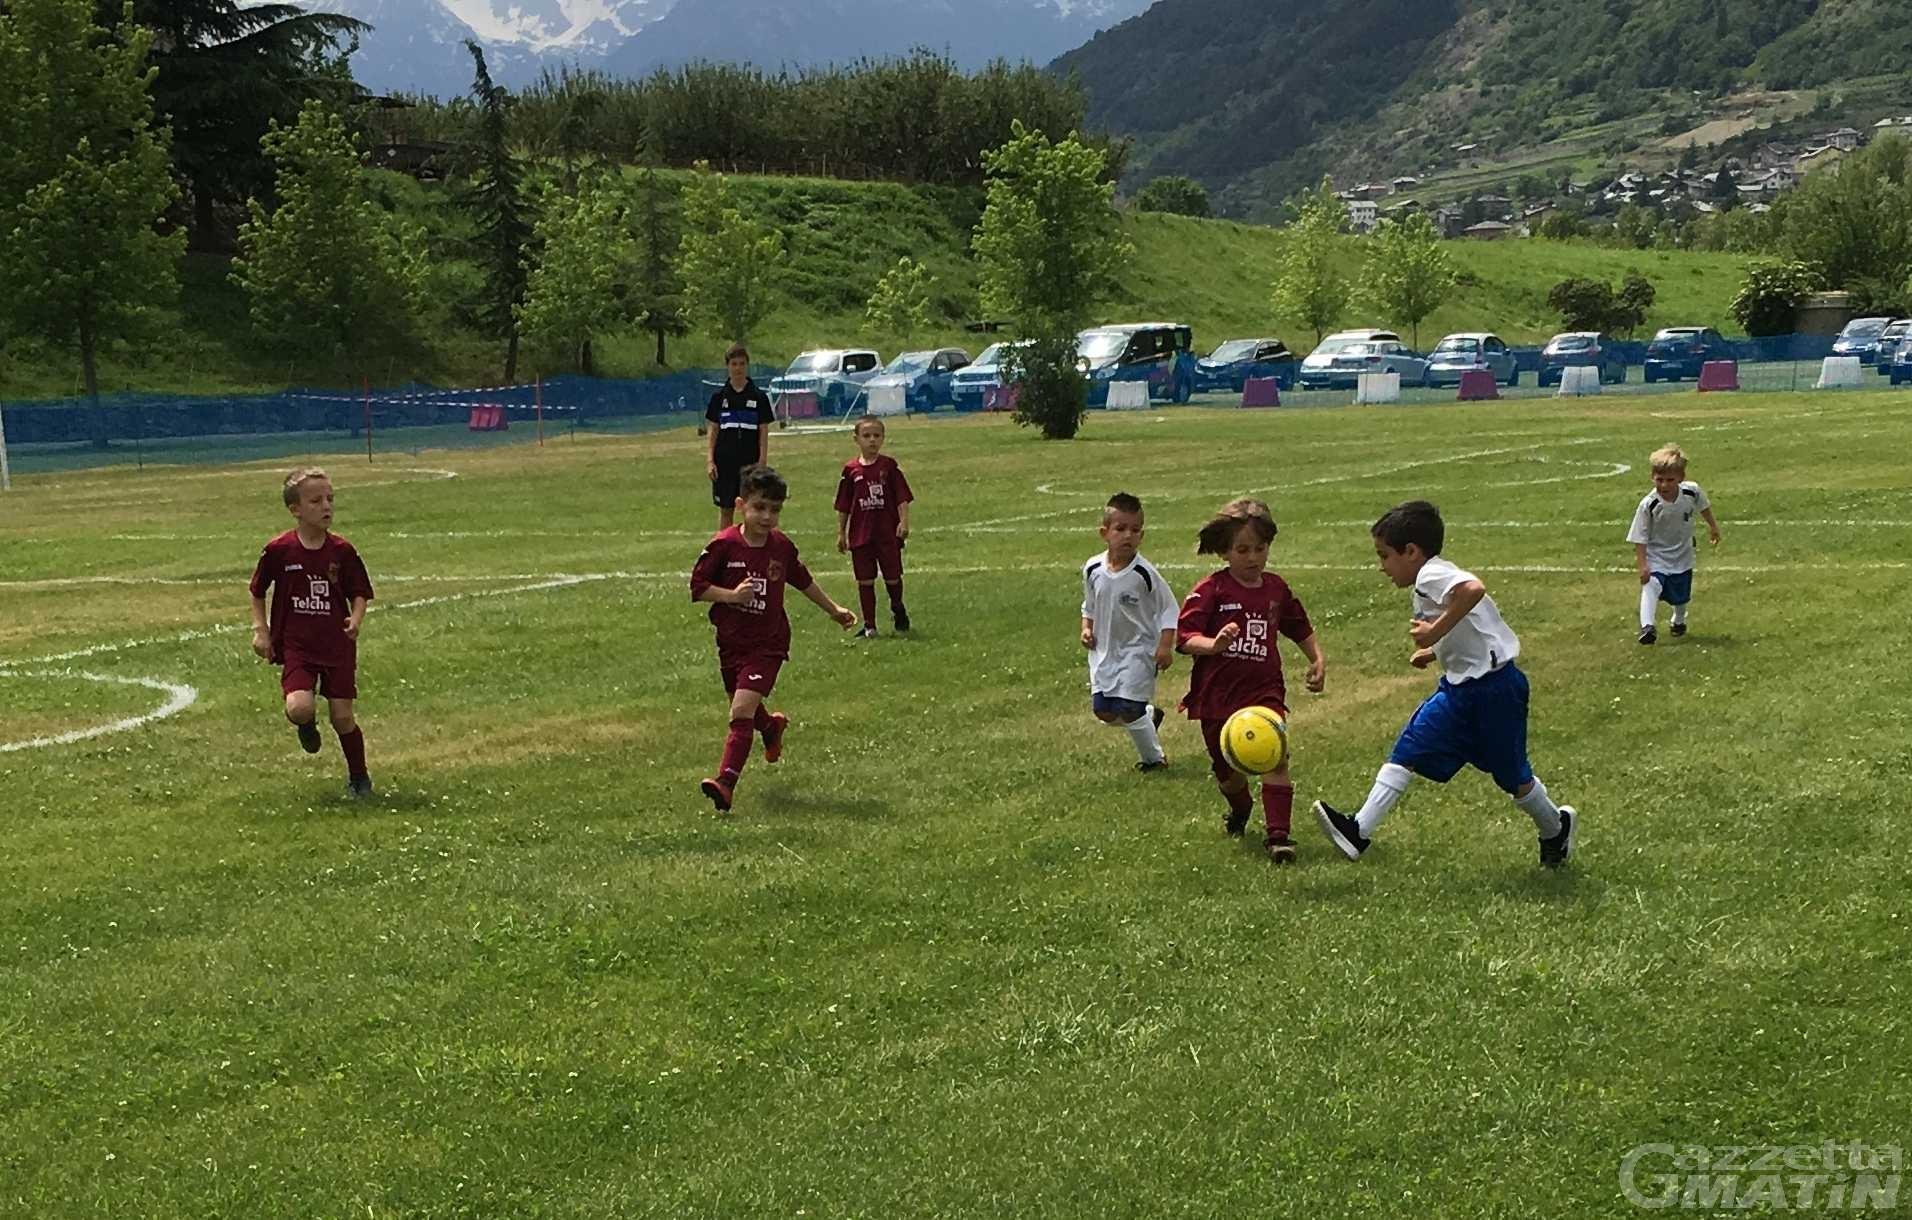 Calcio giovanile e dilettantistico: il nuovo protocollo dice sì ai tornei, ma a porte chiuse